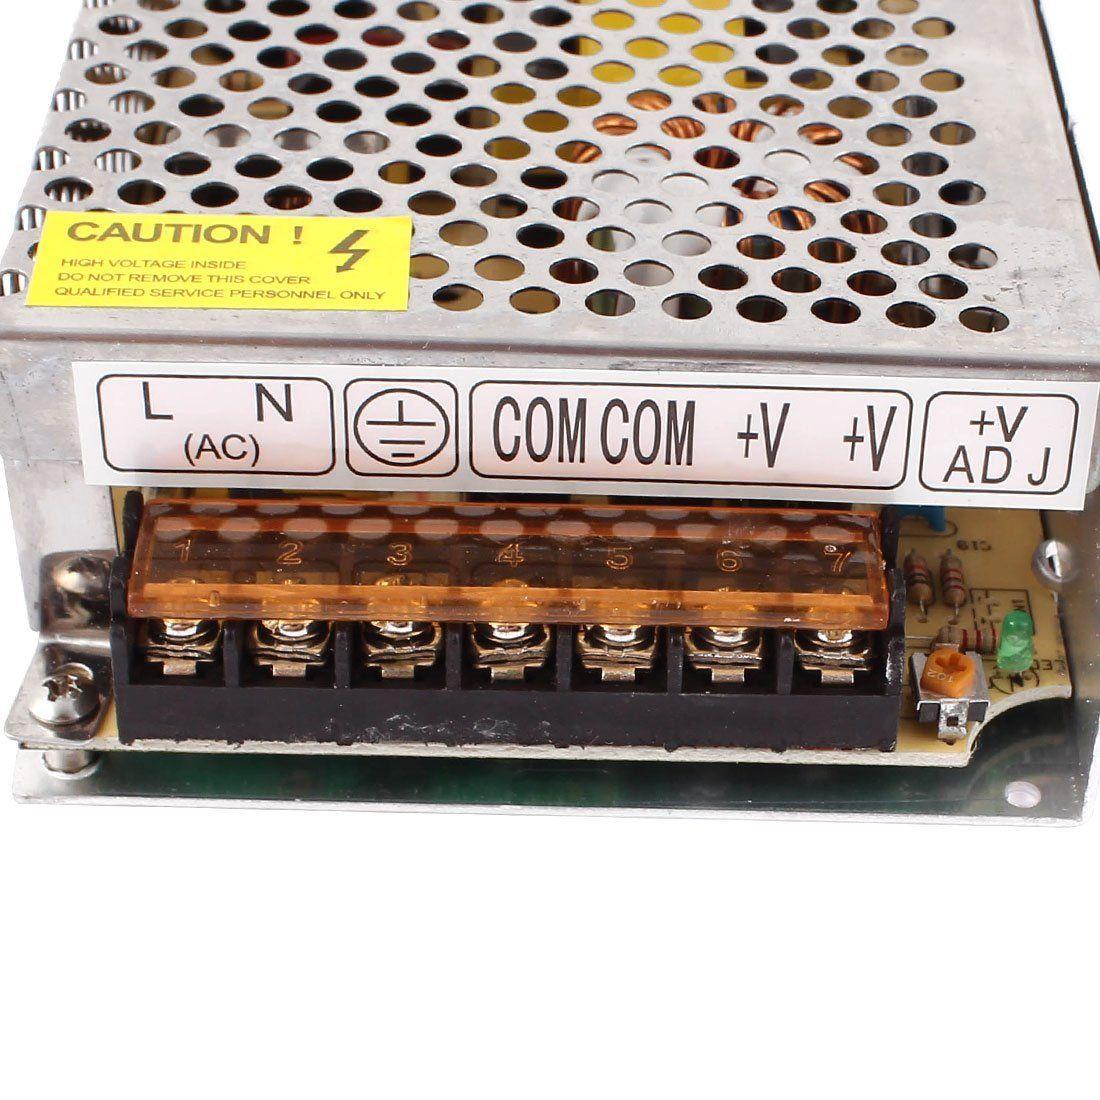 12V 2A 24W 5A 60W 10A 120W 15A 180W 20A 240W 25A 300W 30A 360W 40A 480W 50A 600W Переключатель питания Светодиодный трансформатор для светодиодной ленты